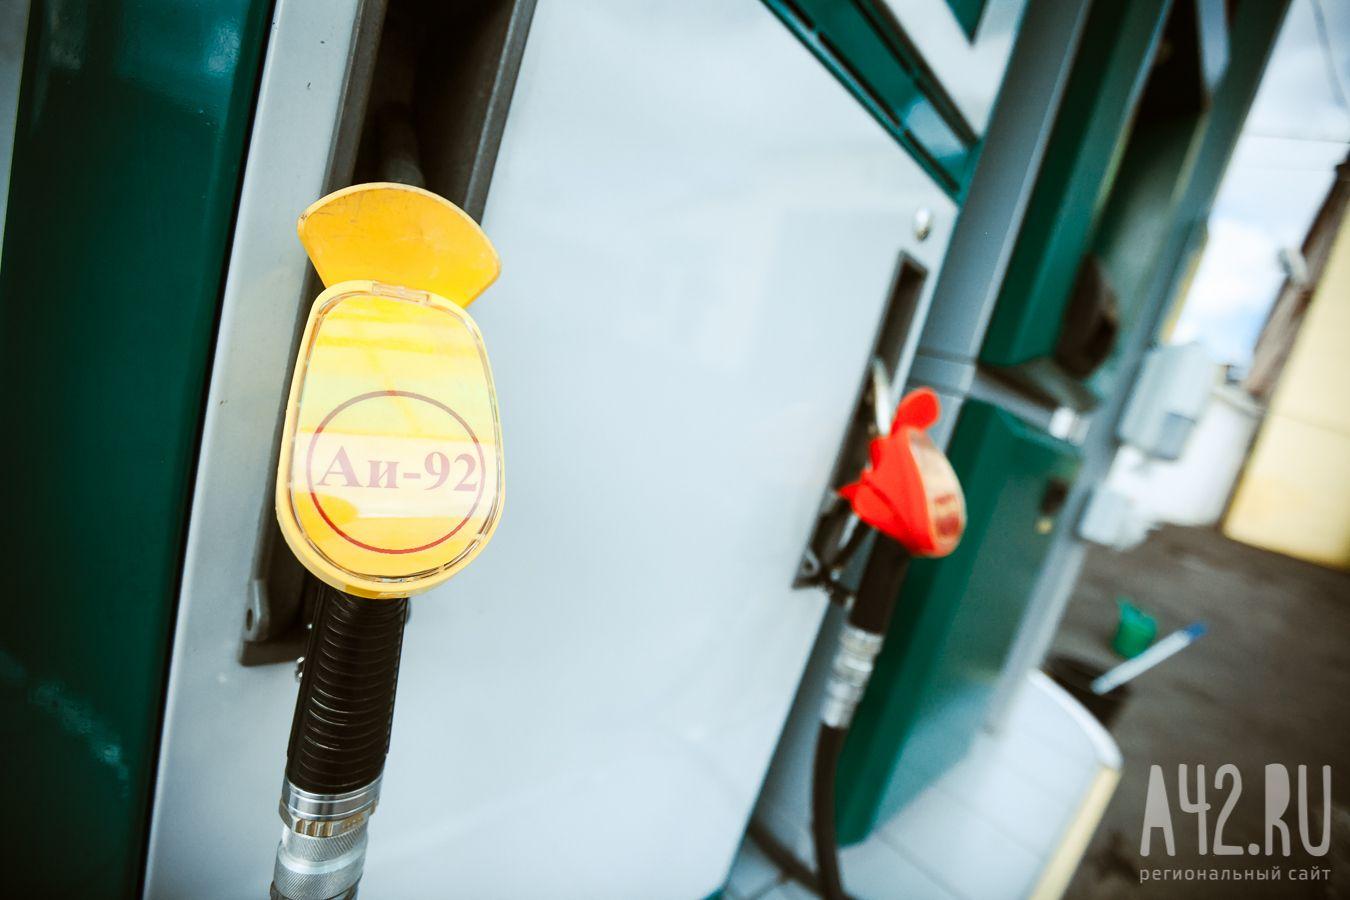 Цены набензин идизель в РФ закончили расти